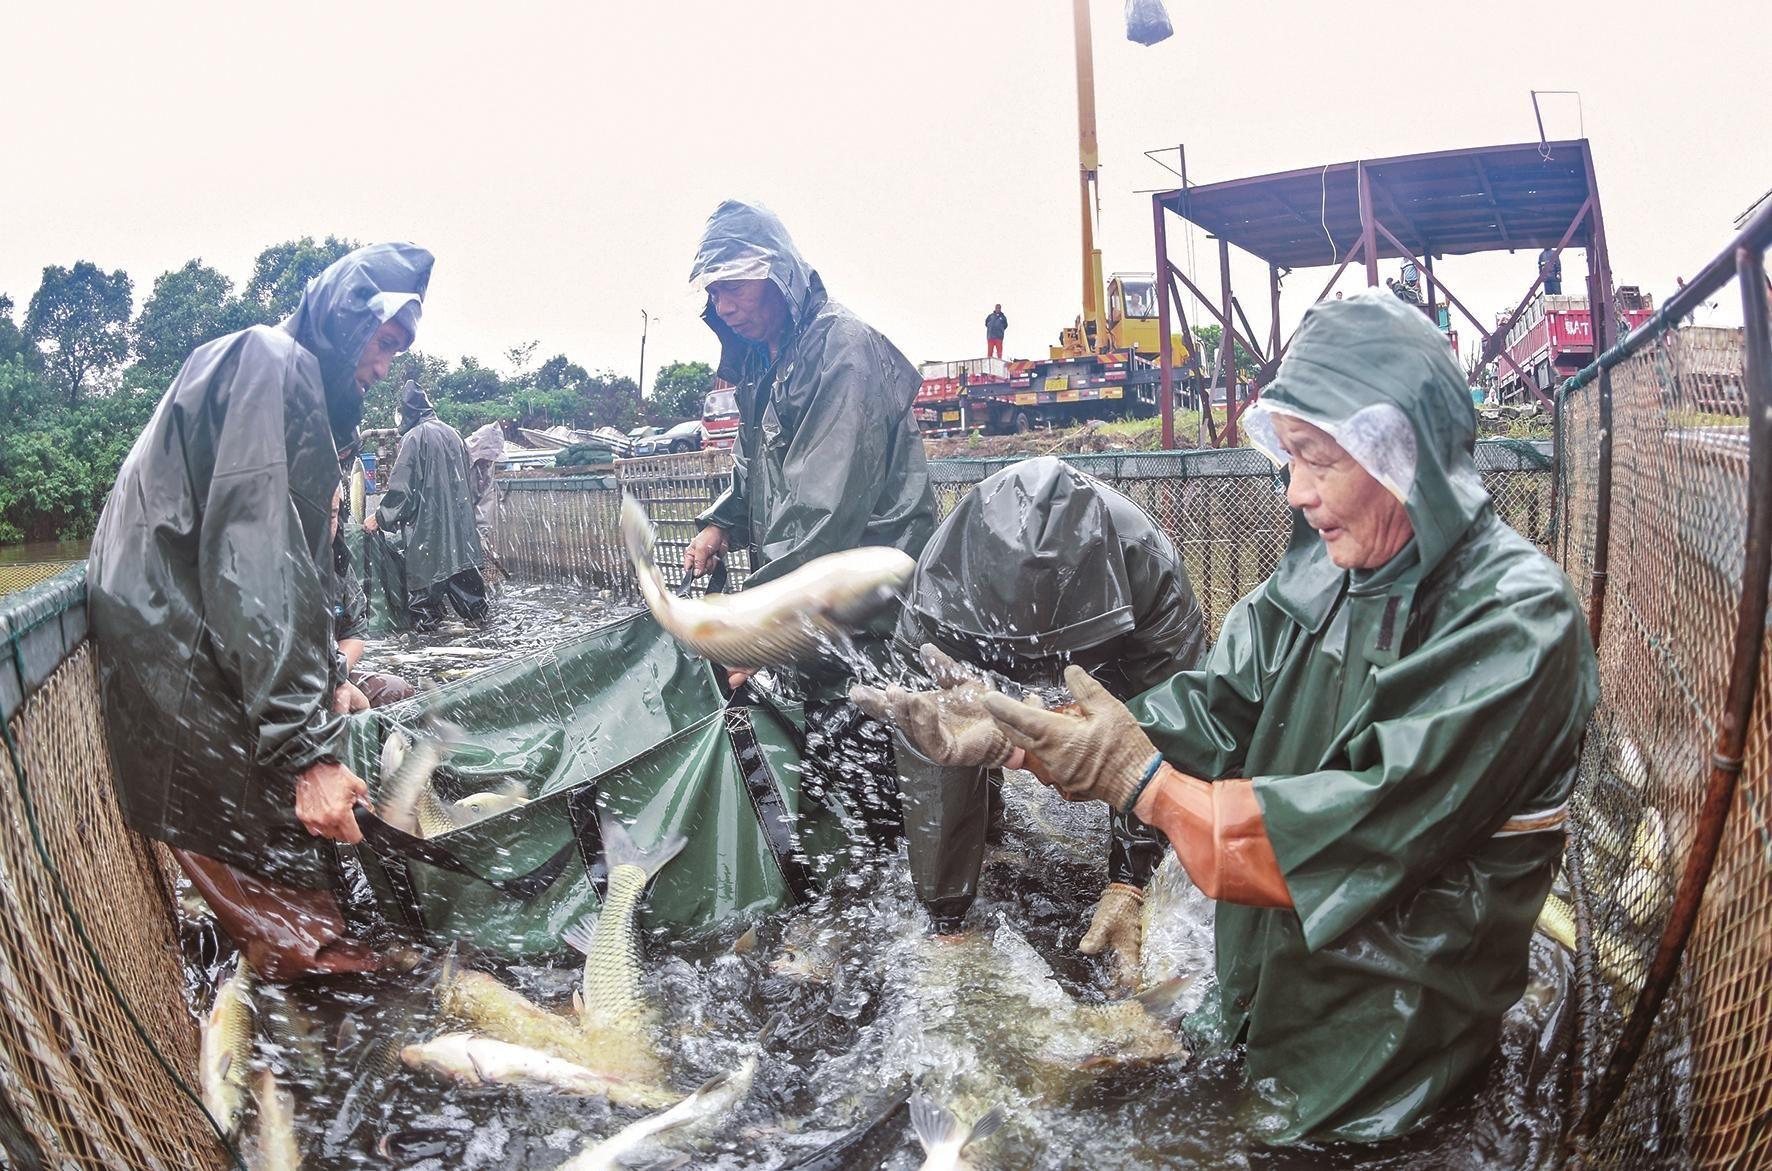 武汉组织示范养殖场批量起水存塘鲜鱼 让平价鱼游上桌